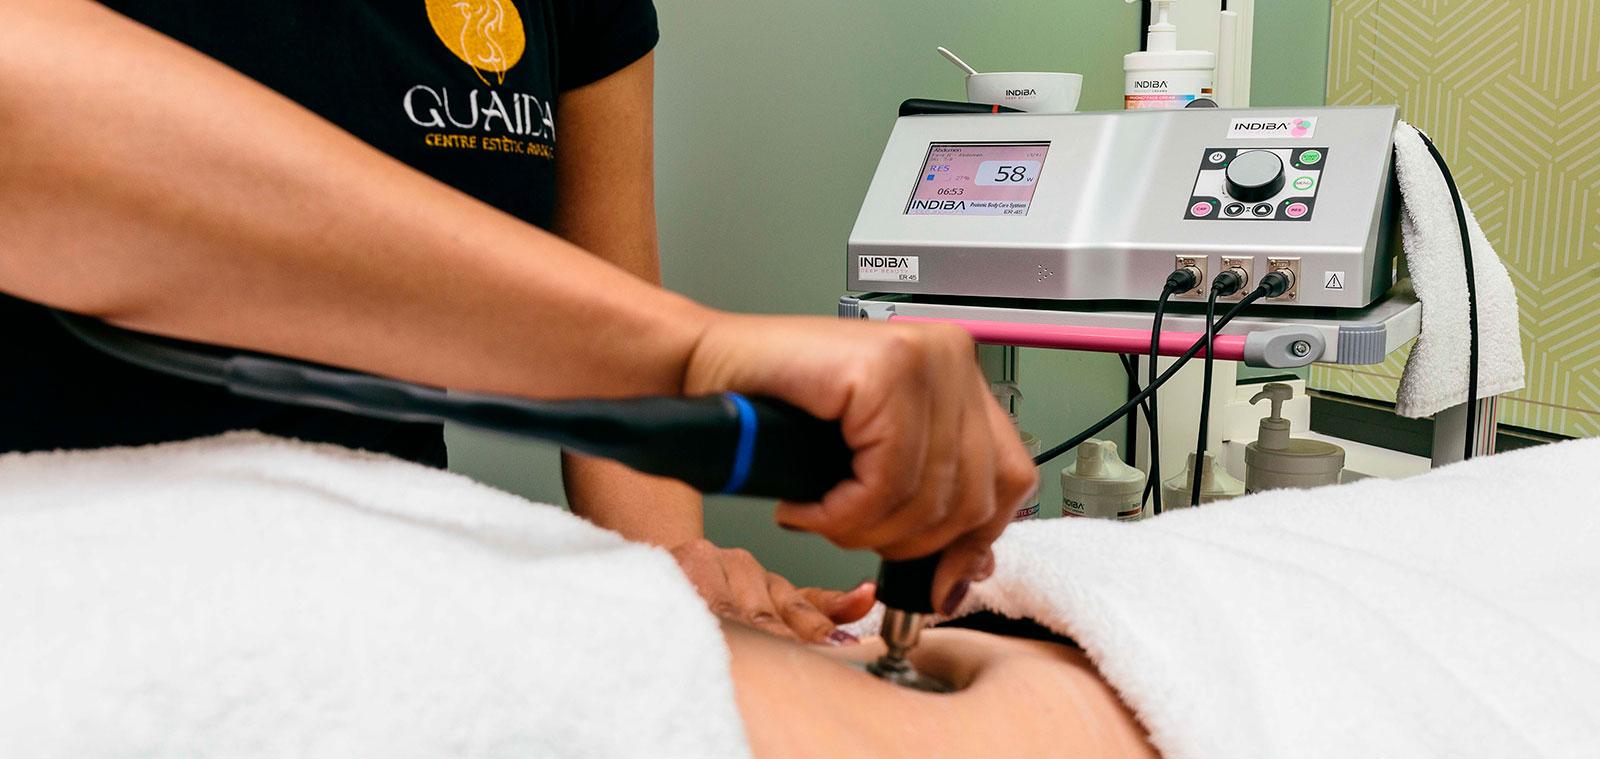 tractaments corporals indiba